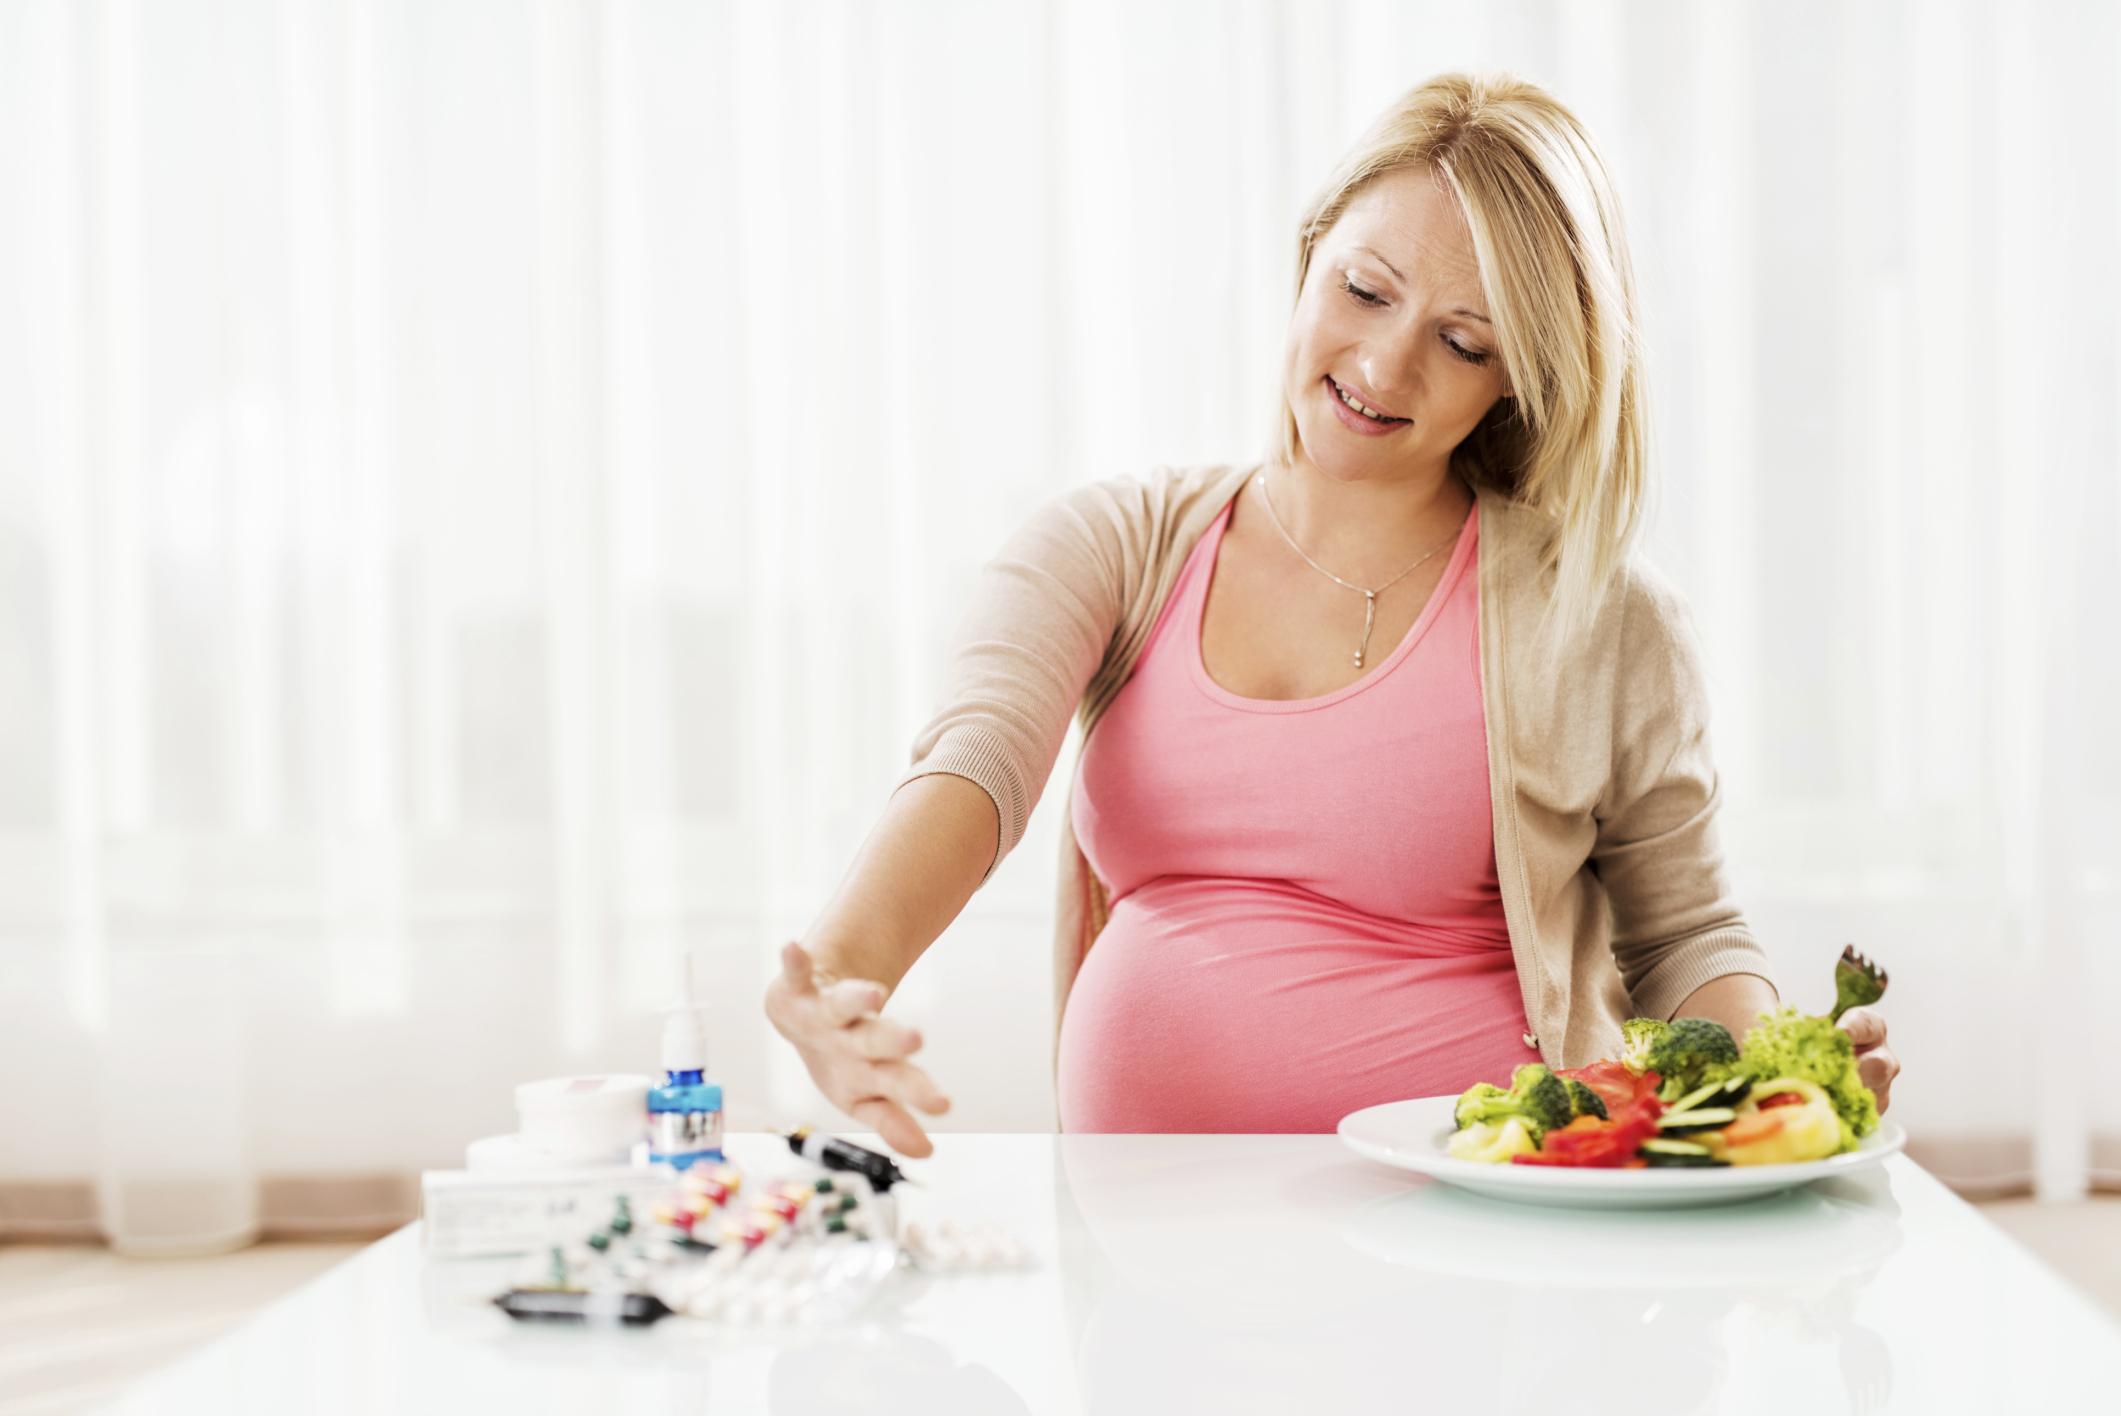 16 самых вредных продуктов для женского здоровья